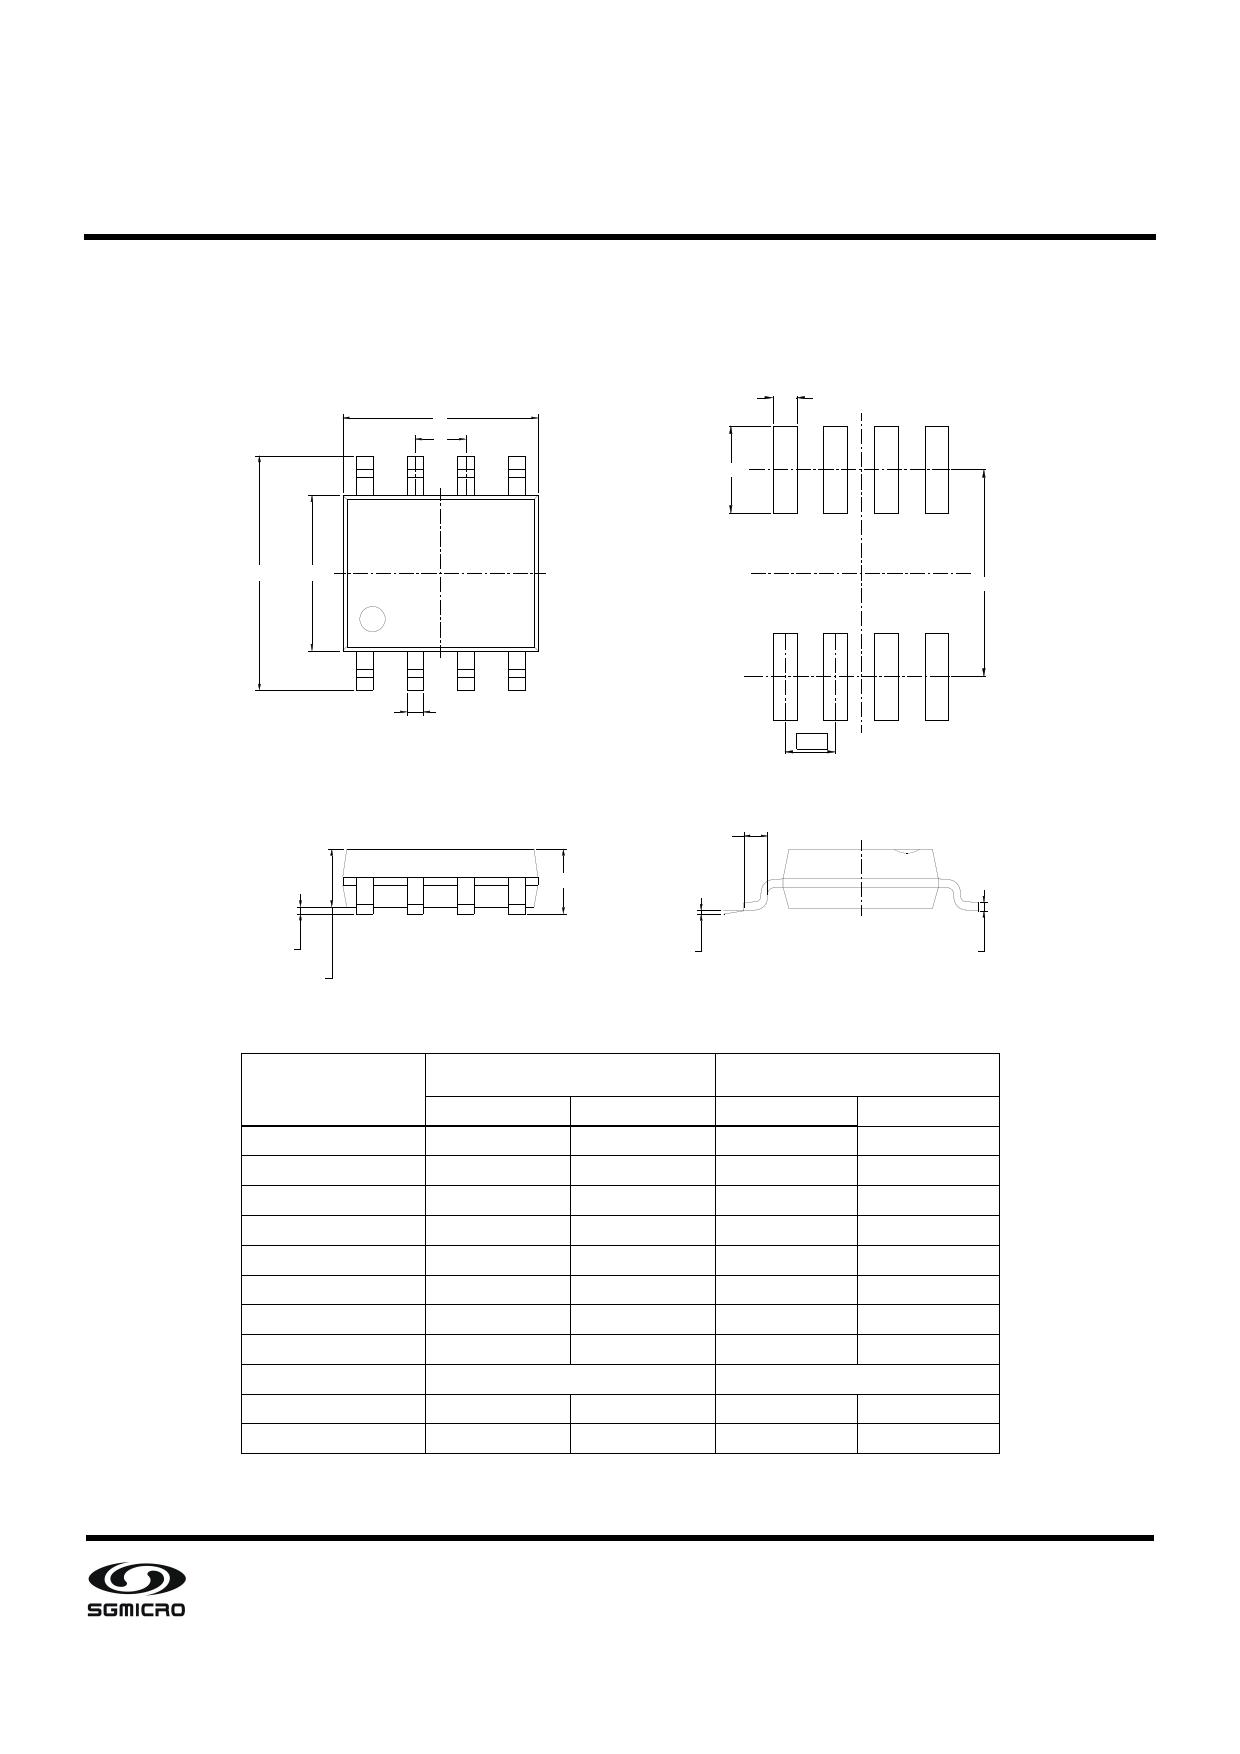 SGM8941 diode, scr